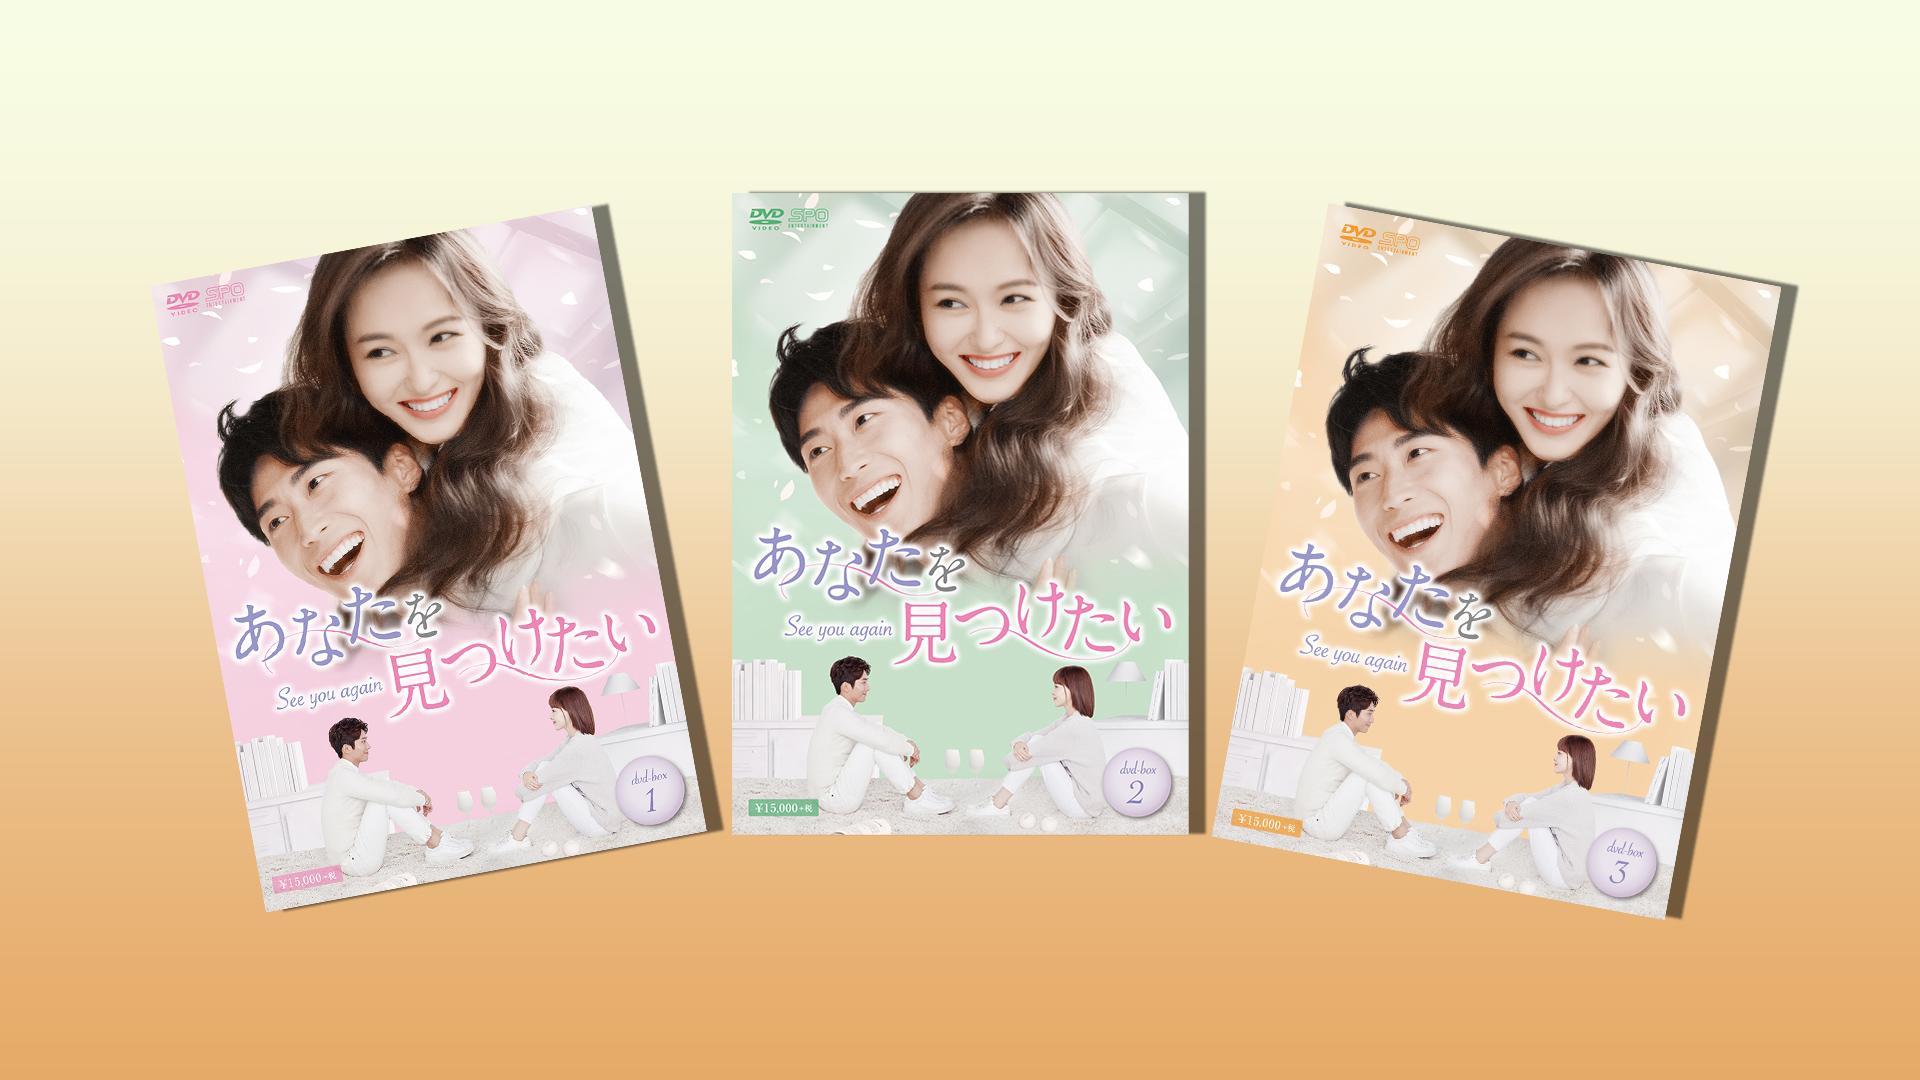 ①中国ドラマ「あなたを見つけたい~See you again~」DVDBOX 1~3セット 1名様